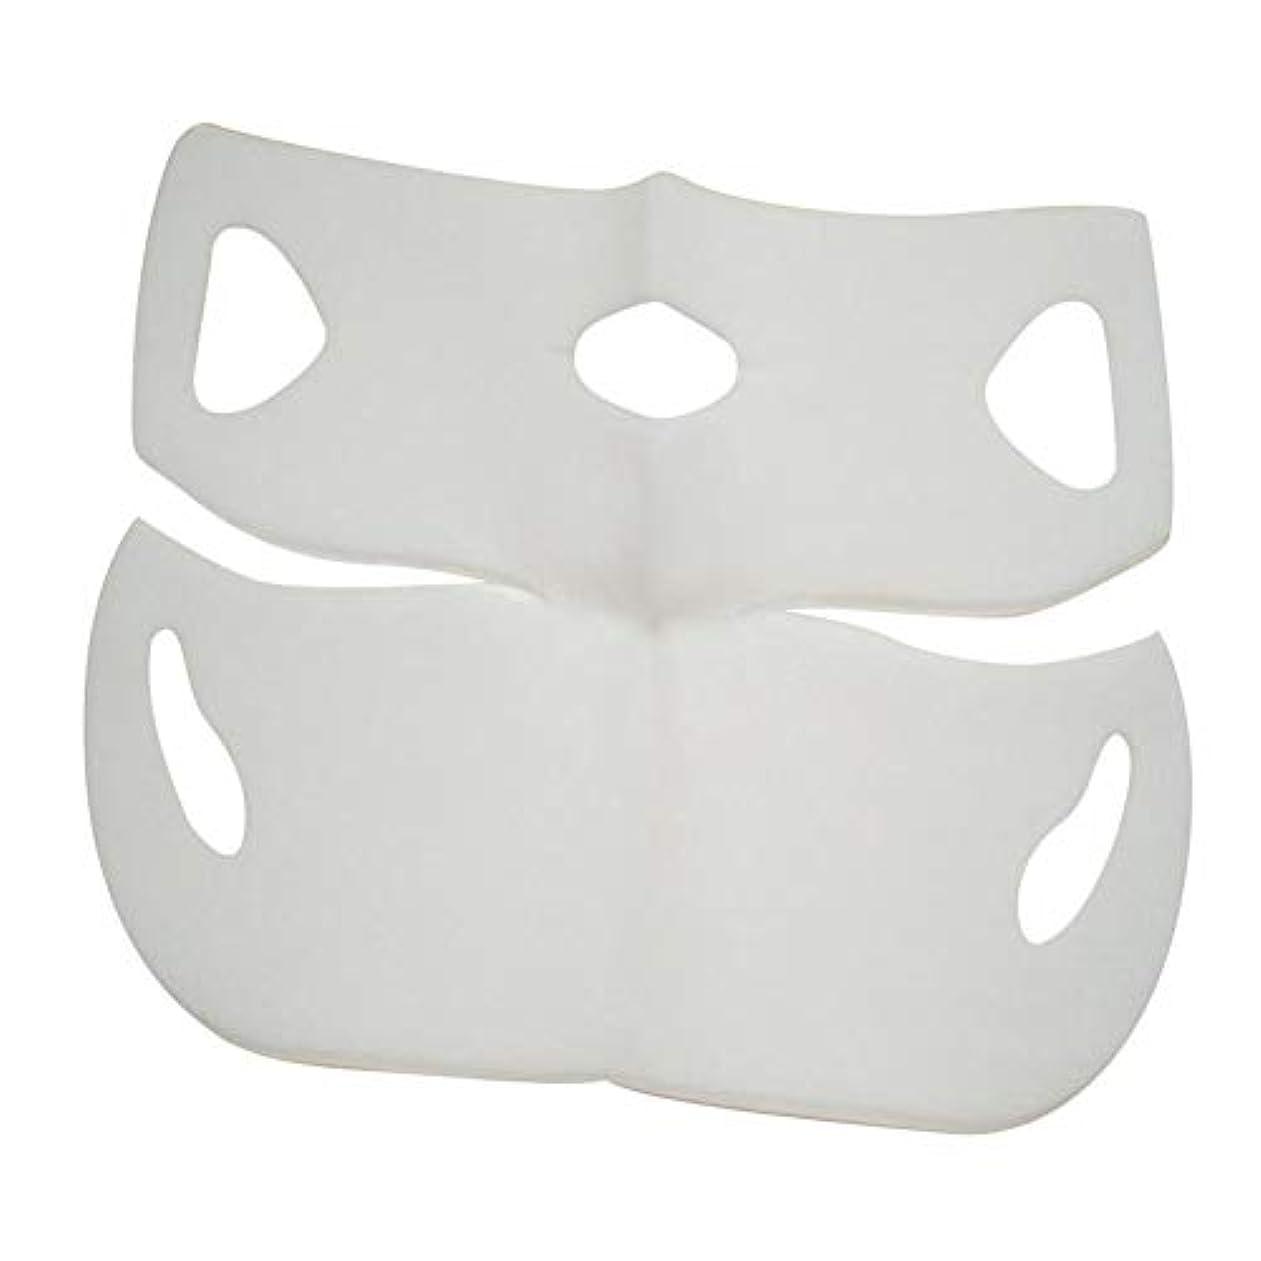 冷蔵するカストディアンシロクマSILUN 最新型 4D Vフェイシャルマスク フェイスマスク 小顔 マスク フェイスラインベルト 美顔 顔痩せ 肌ケア 保湿 毛細血管収縮 睡眠マスク